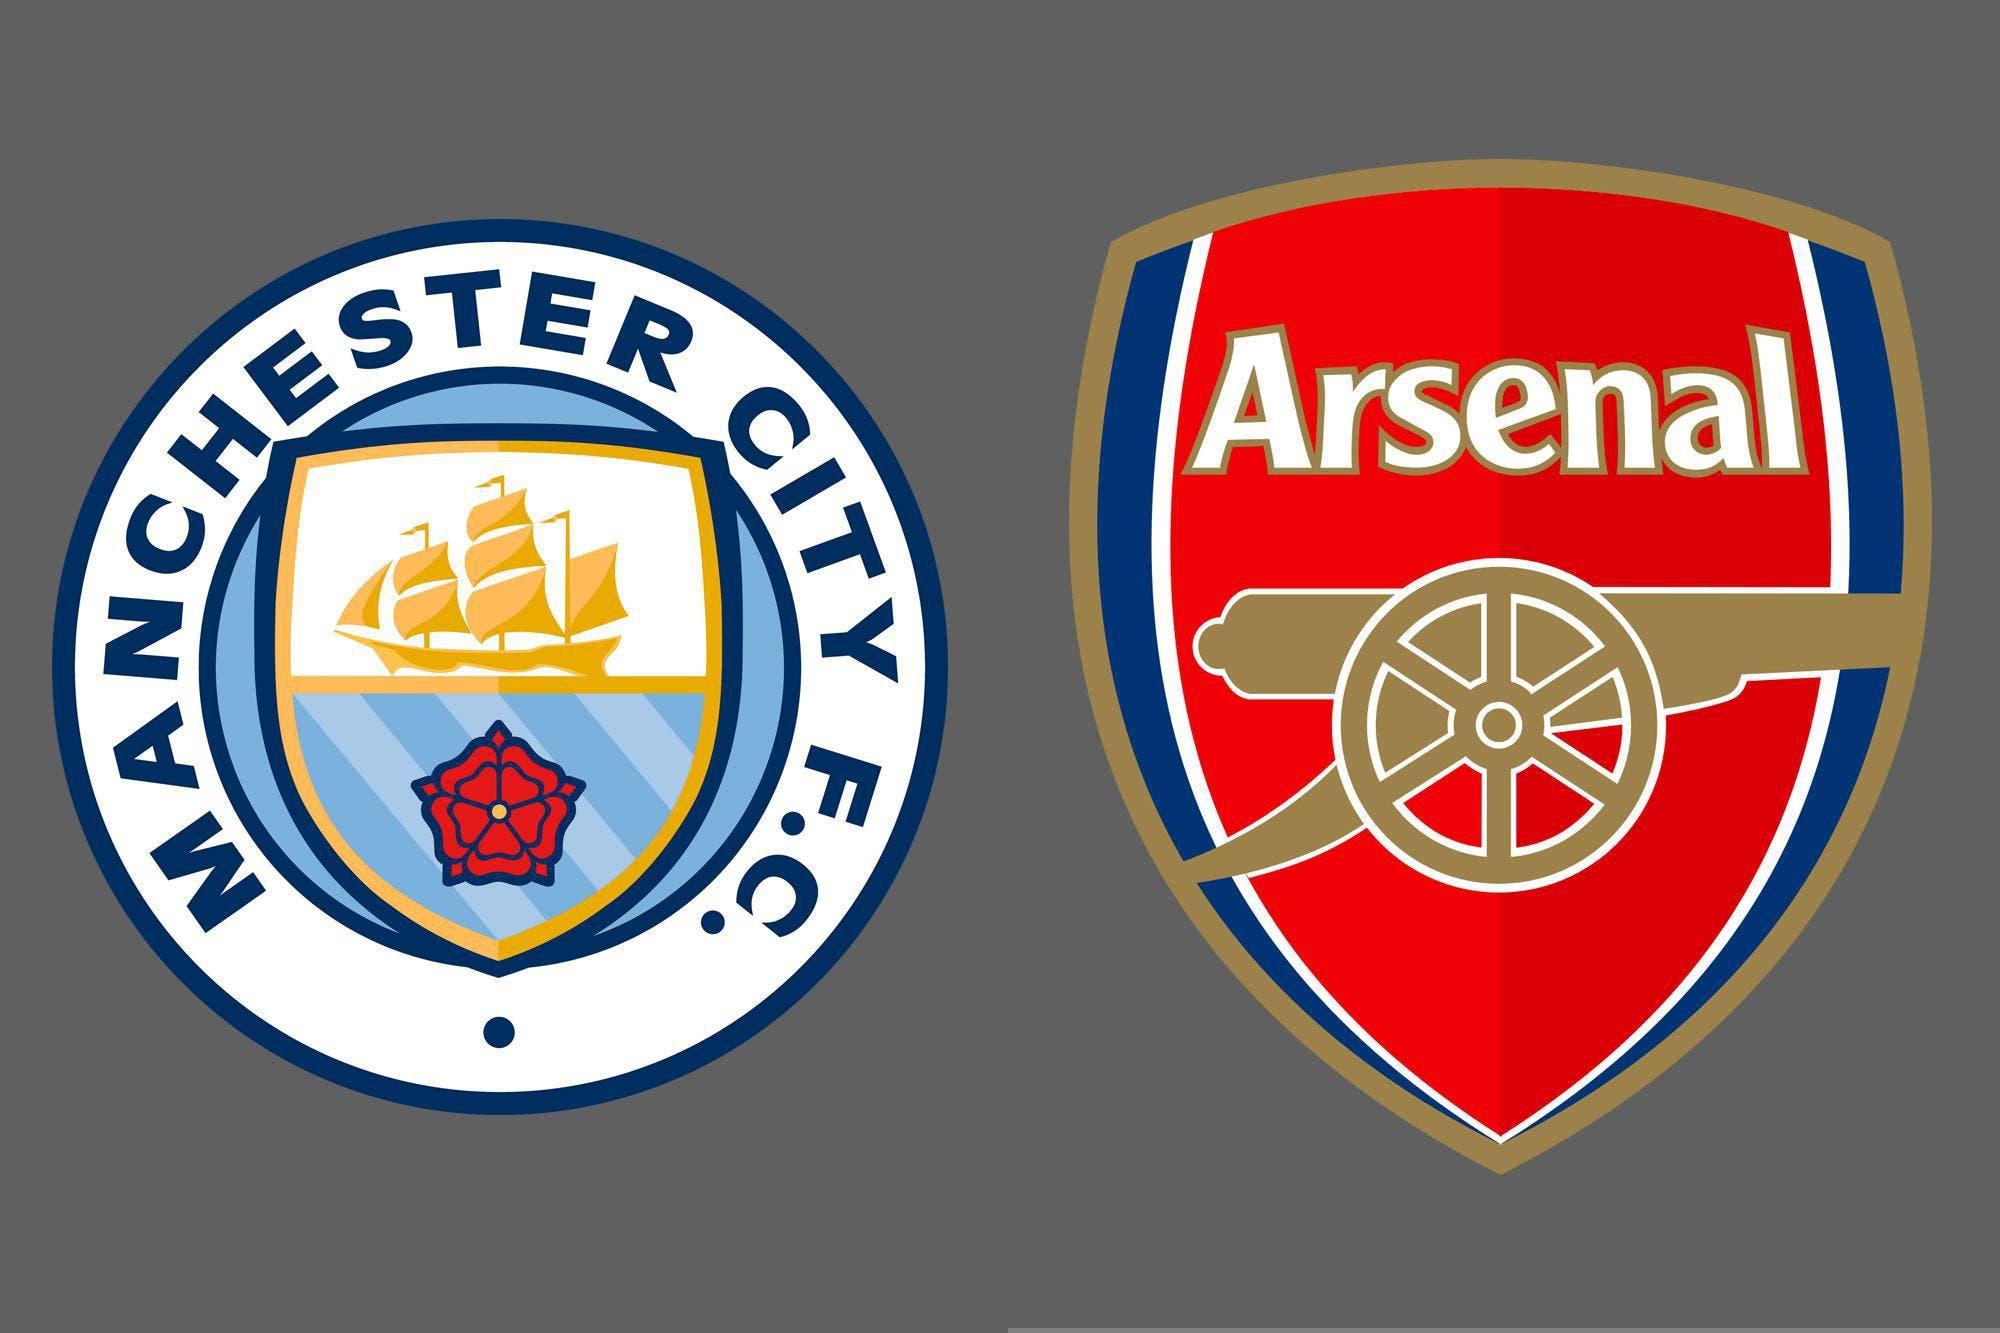 Premier League de Inglaterra: Manchester City venció por 1-0 a Arsenal como local